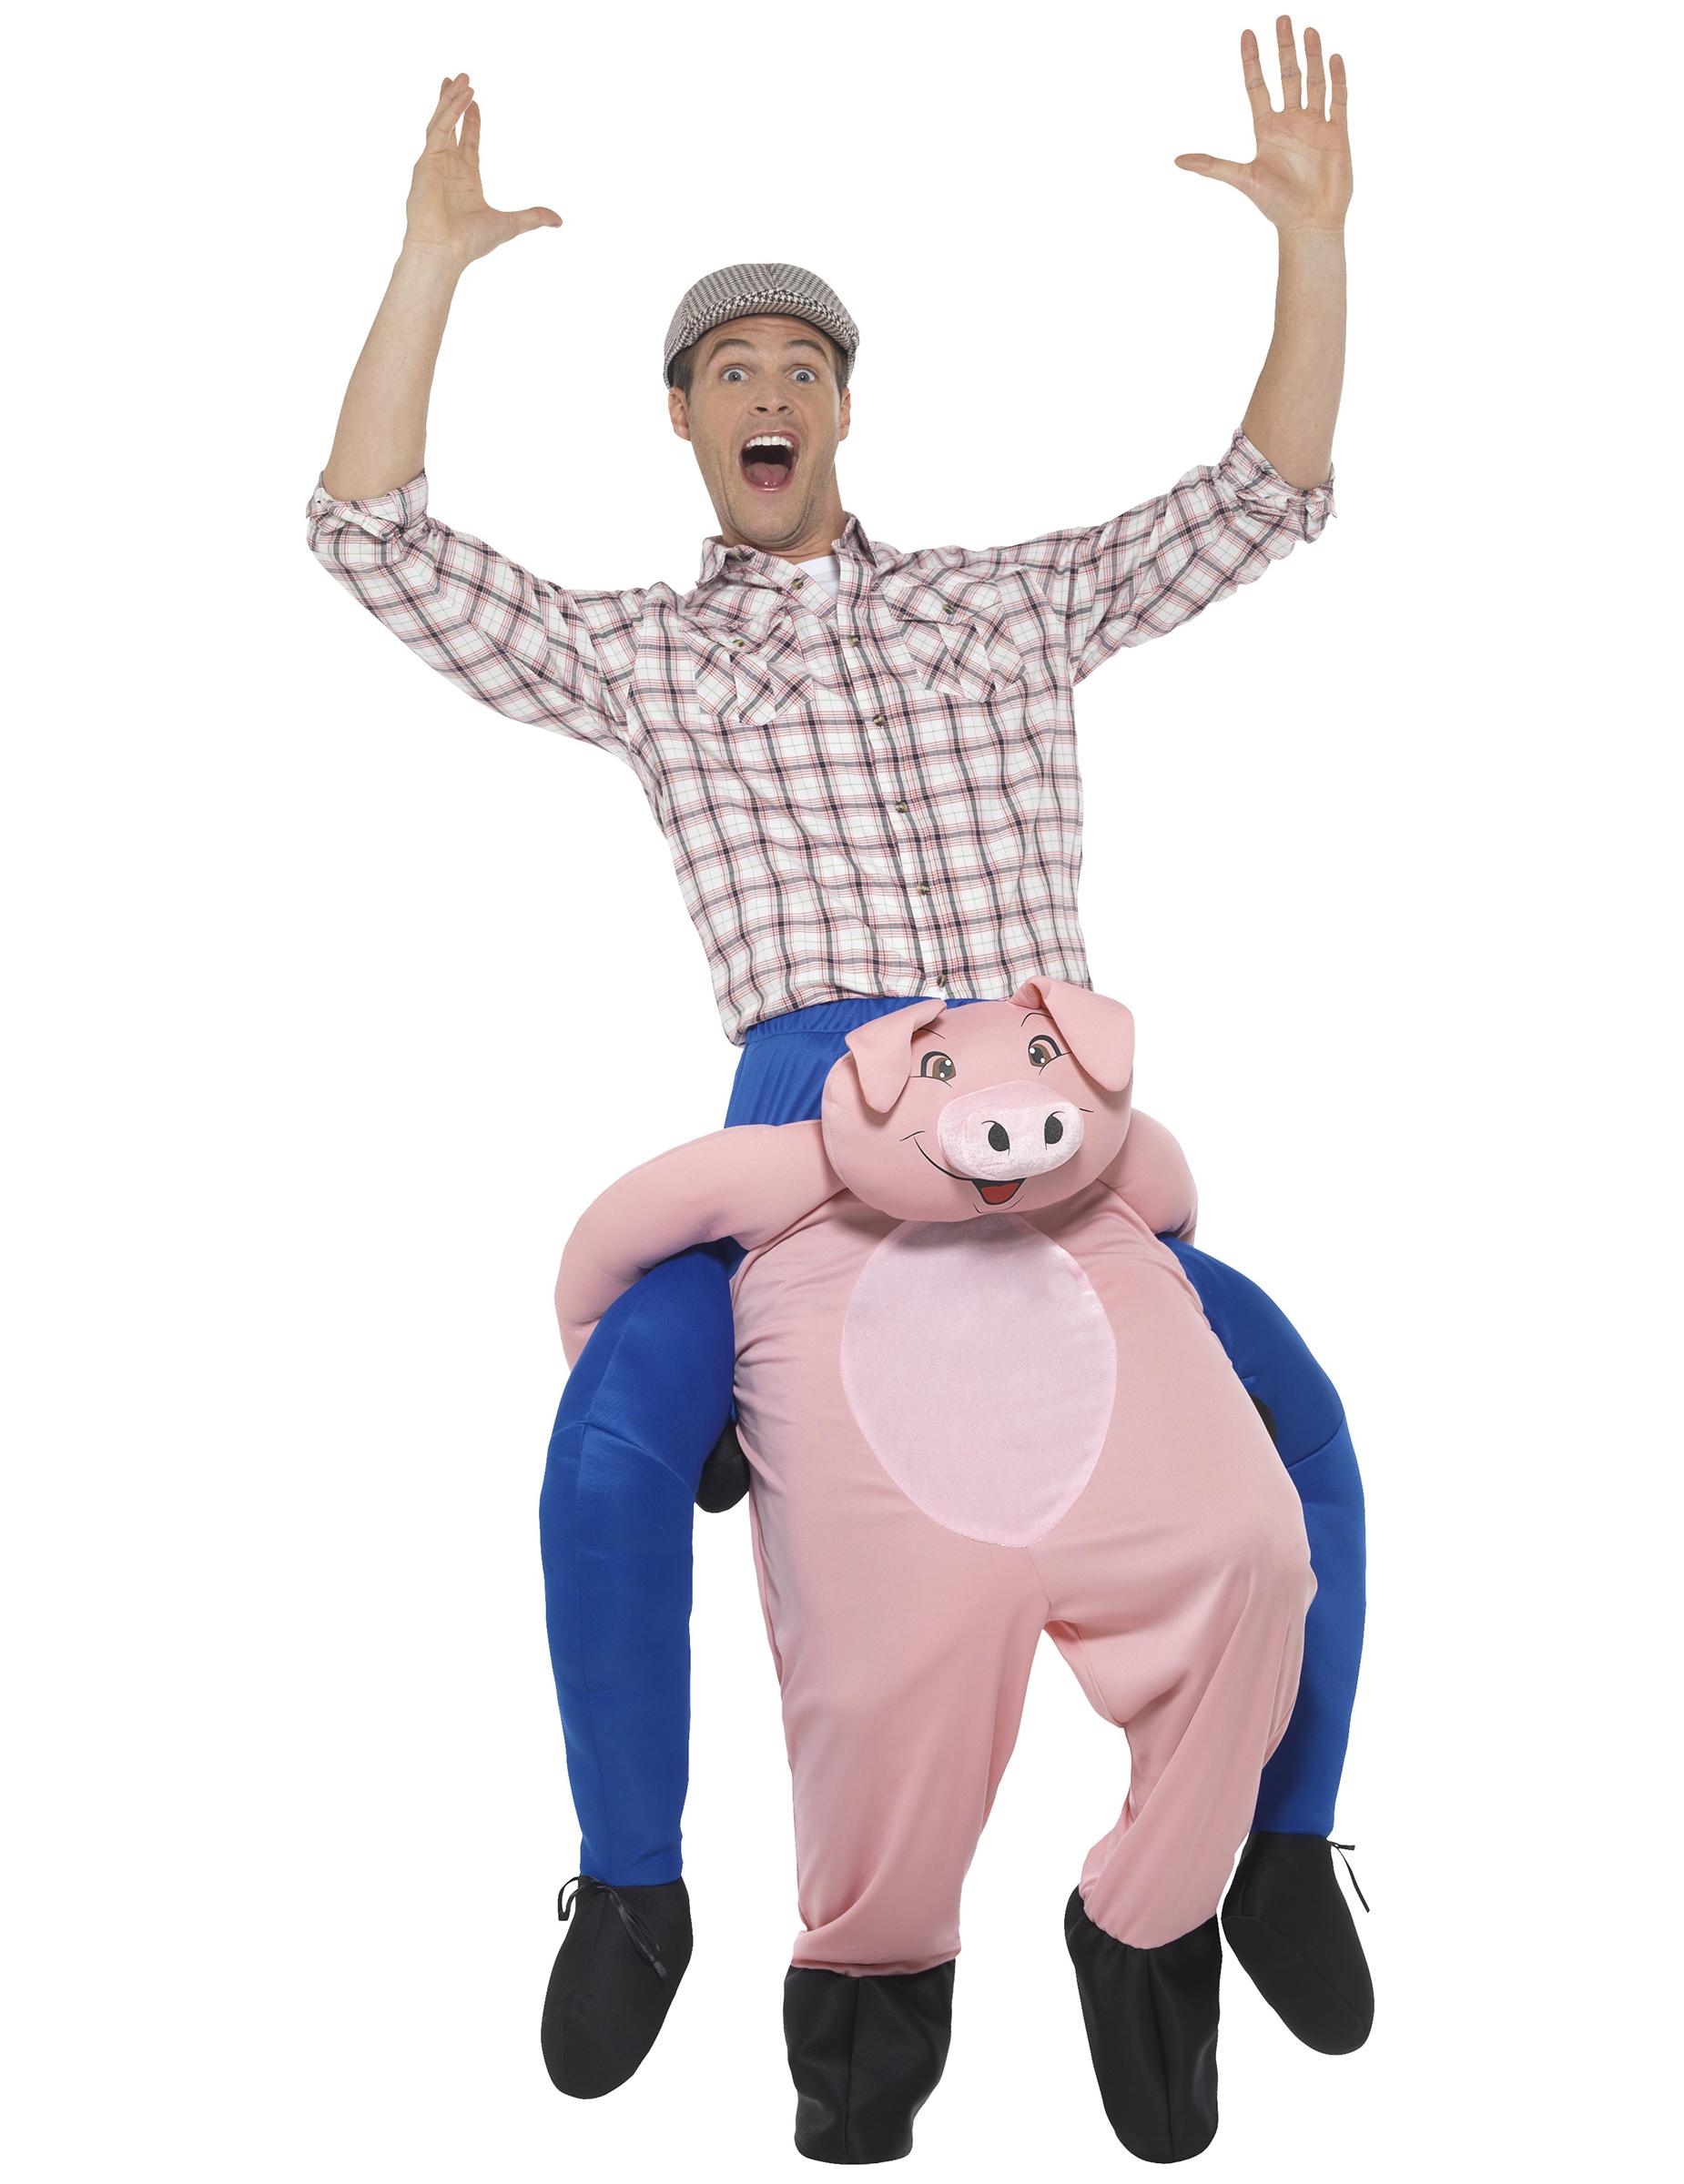 Déguisement homme à dos de cochon adulte   Deguise-toi, achat de ... f3bc47d0df6c